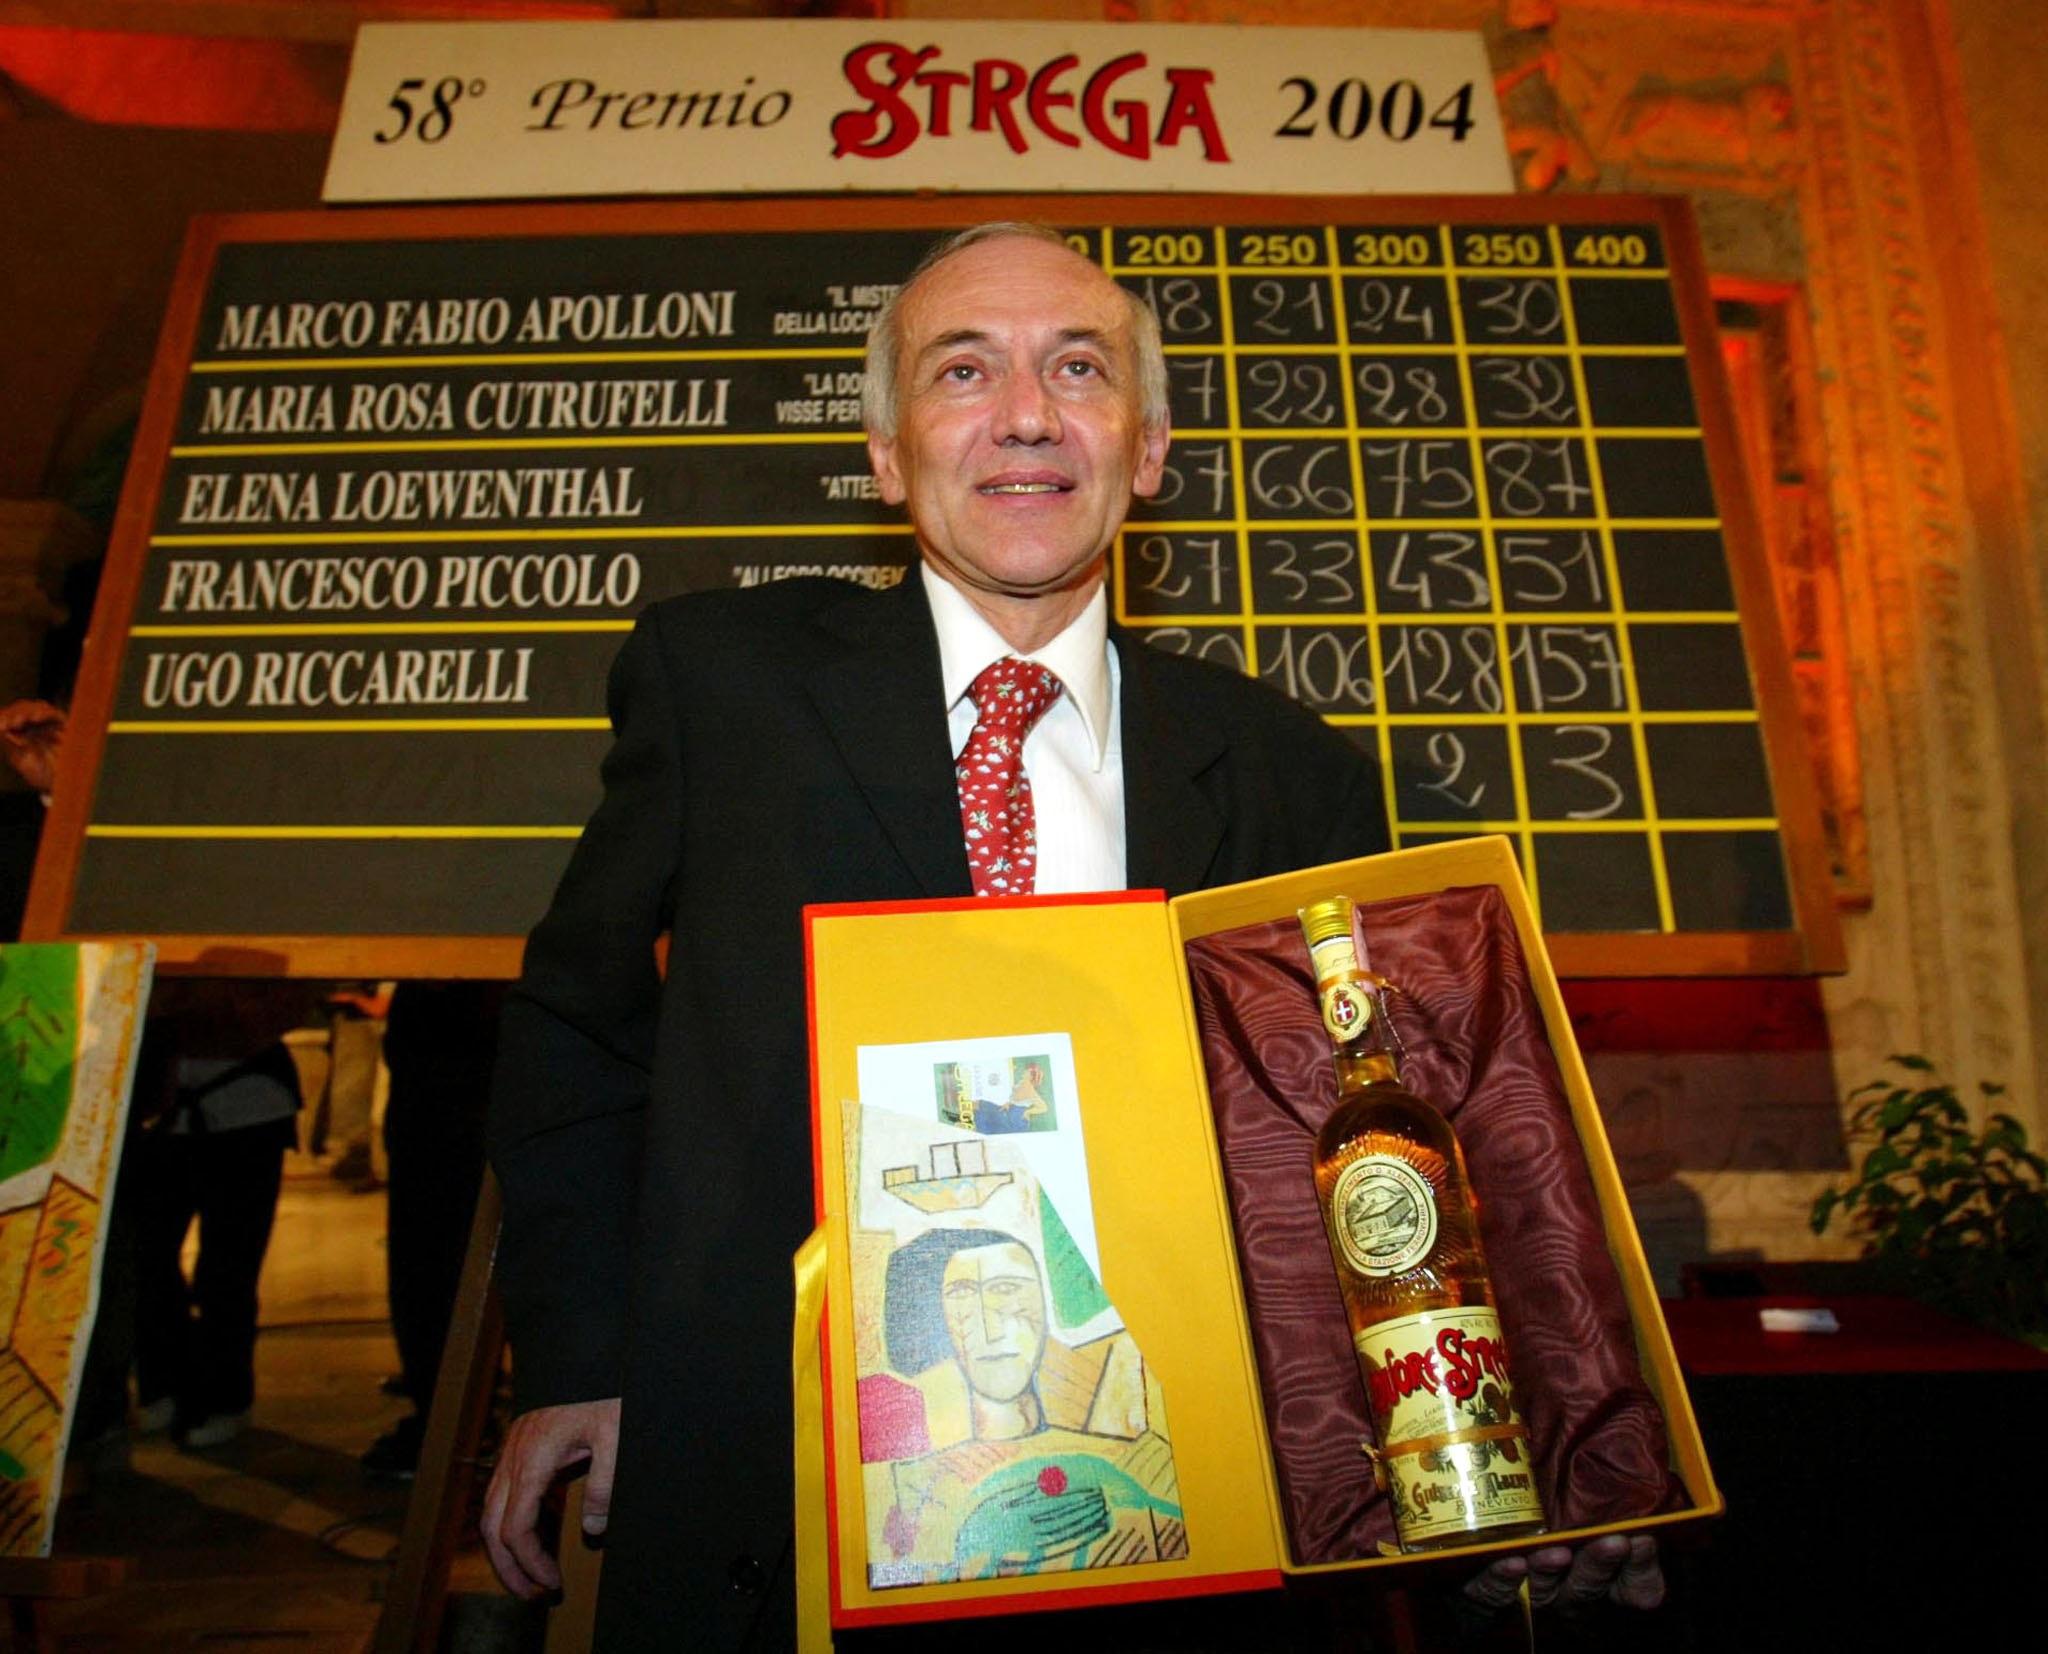 2013-07-24-ugoriccarelli.jpg